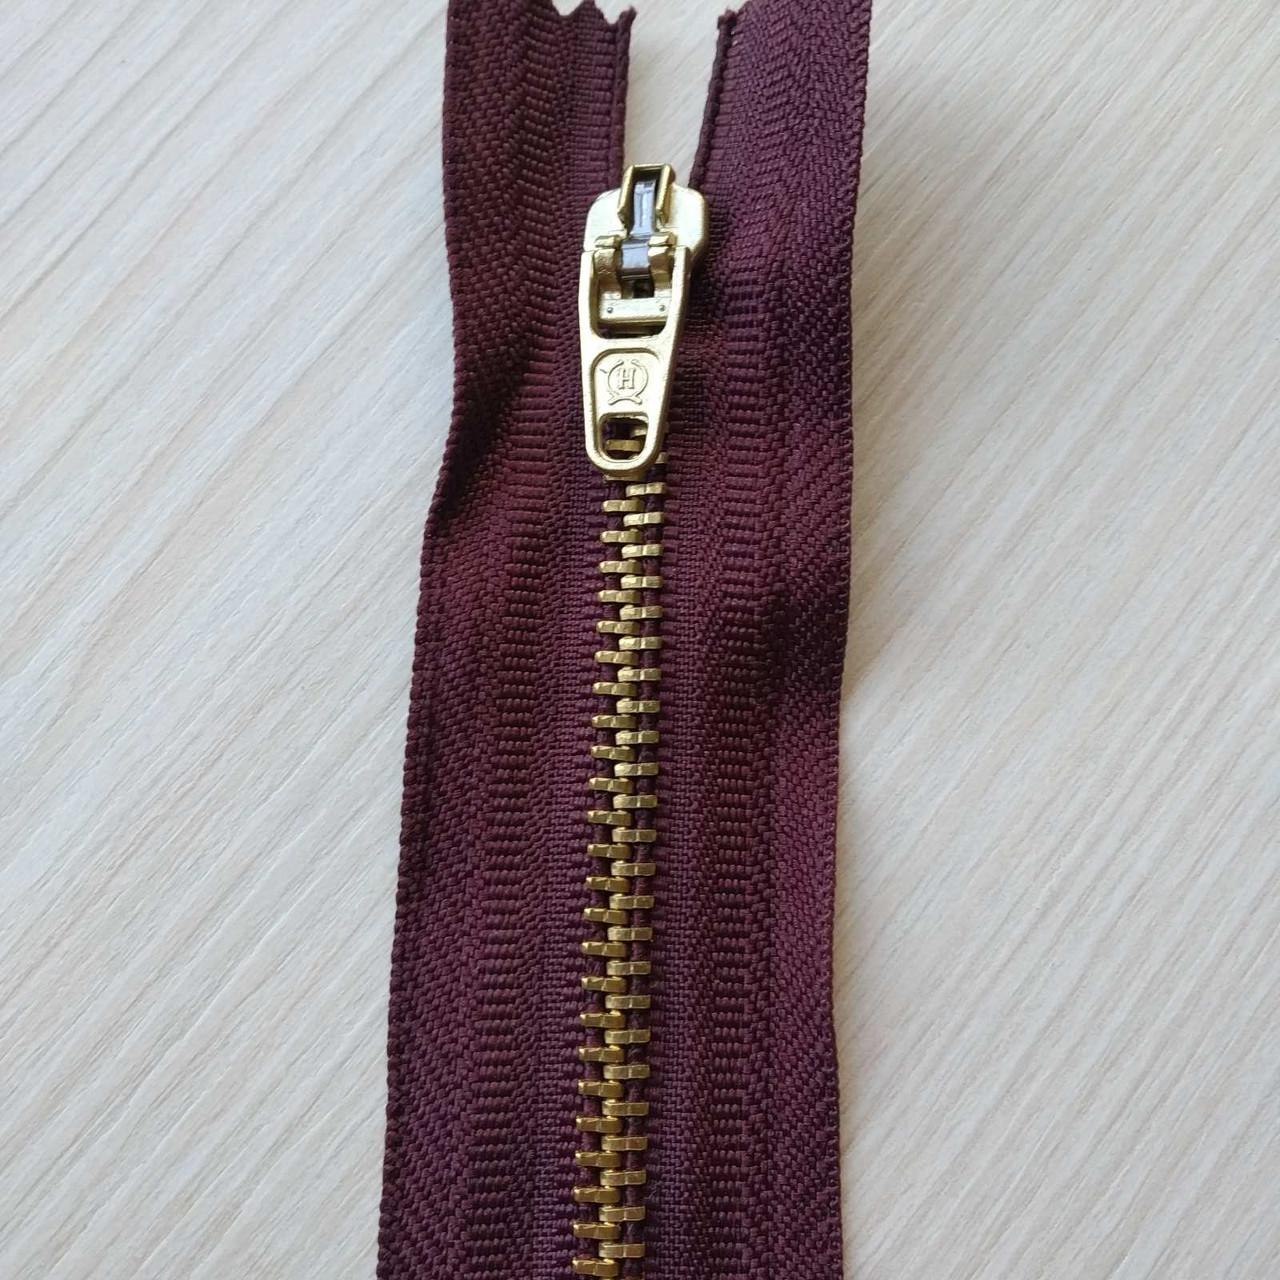 Застібка блискавка для штанів метал / 18см основа бордо